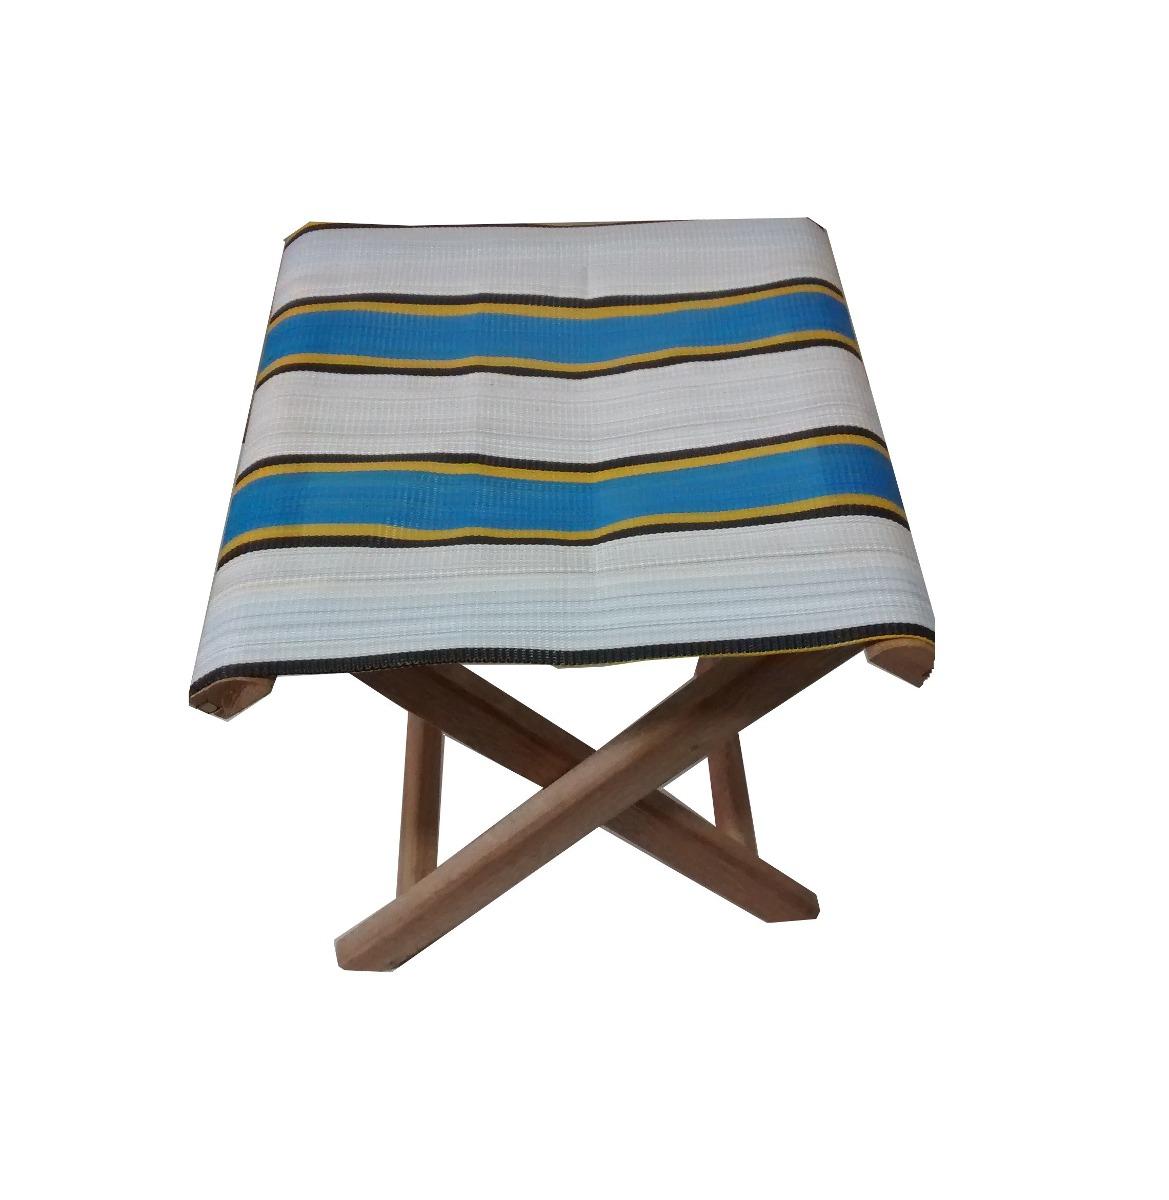 Kit 2 Banquetas Cadeiras Dobráveis Camping De Madeira R$ 52 99 em  #216997 1169x1200